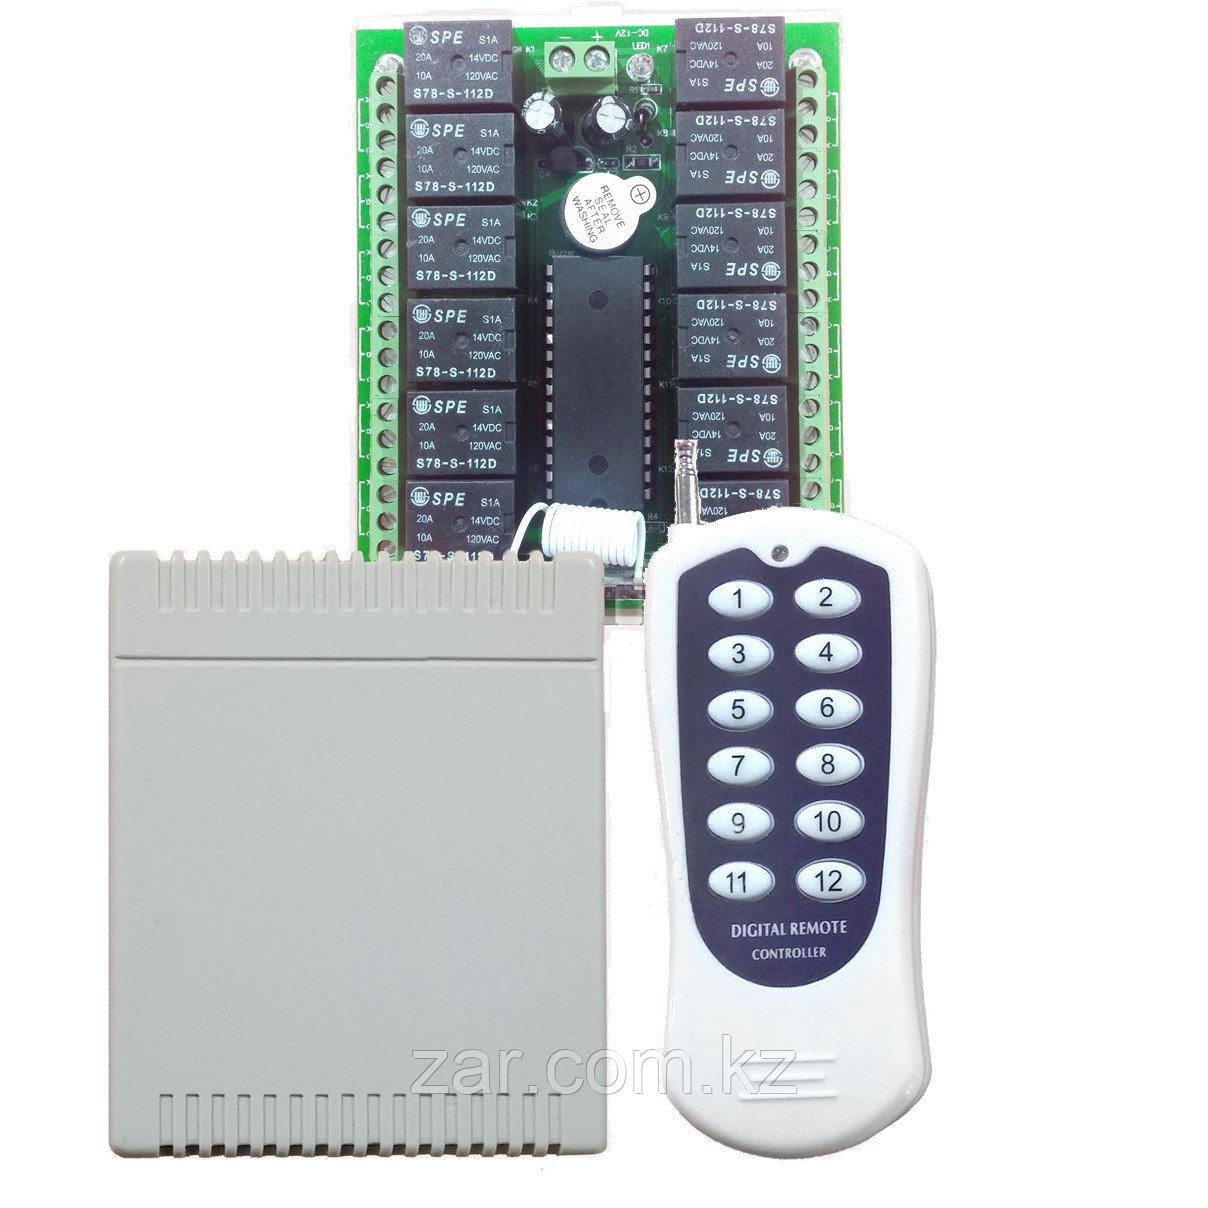 Плата удаленного контроля 12 каналов 100м, 433MHz